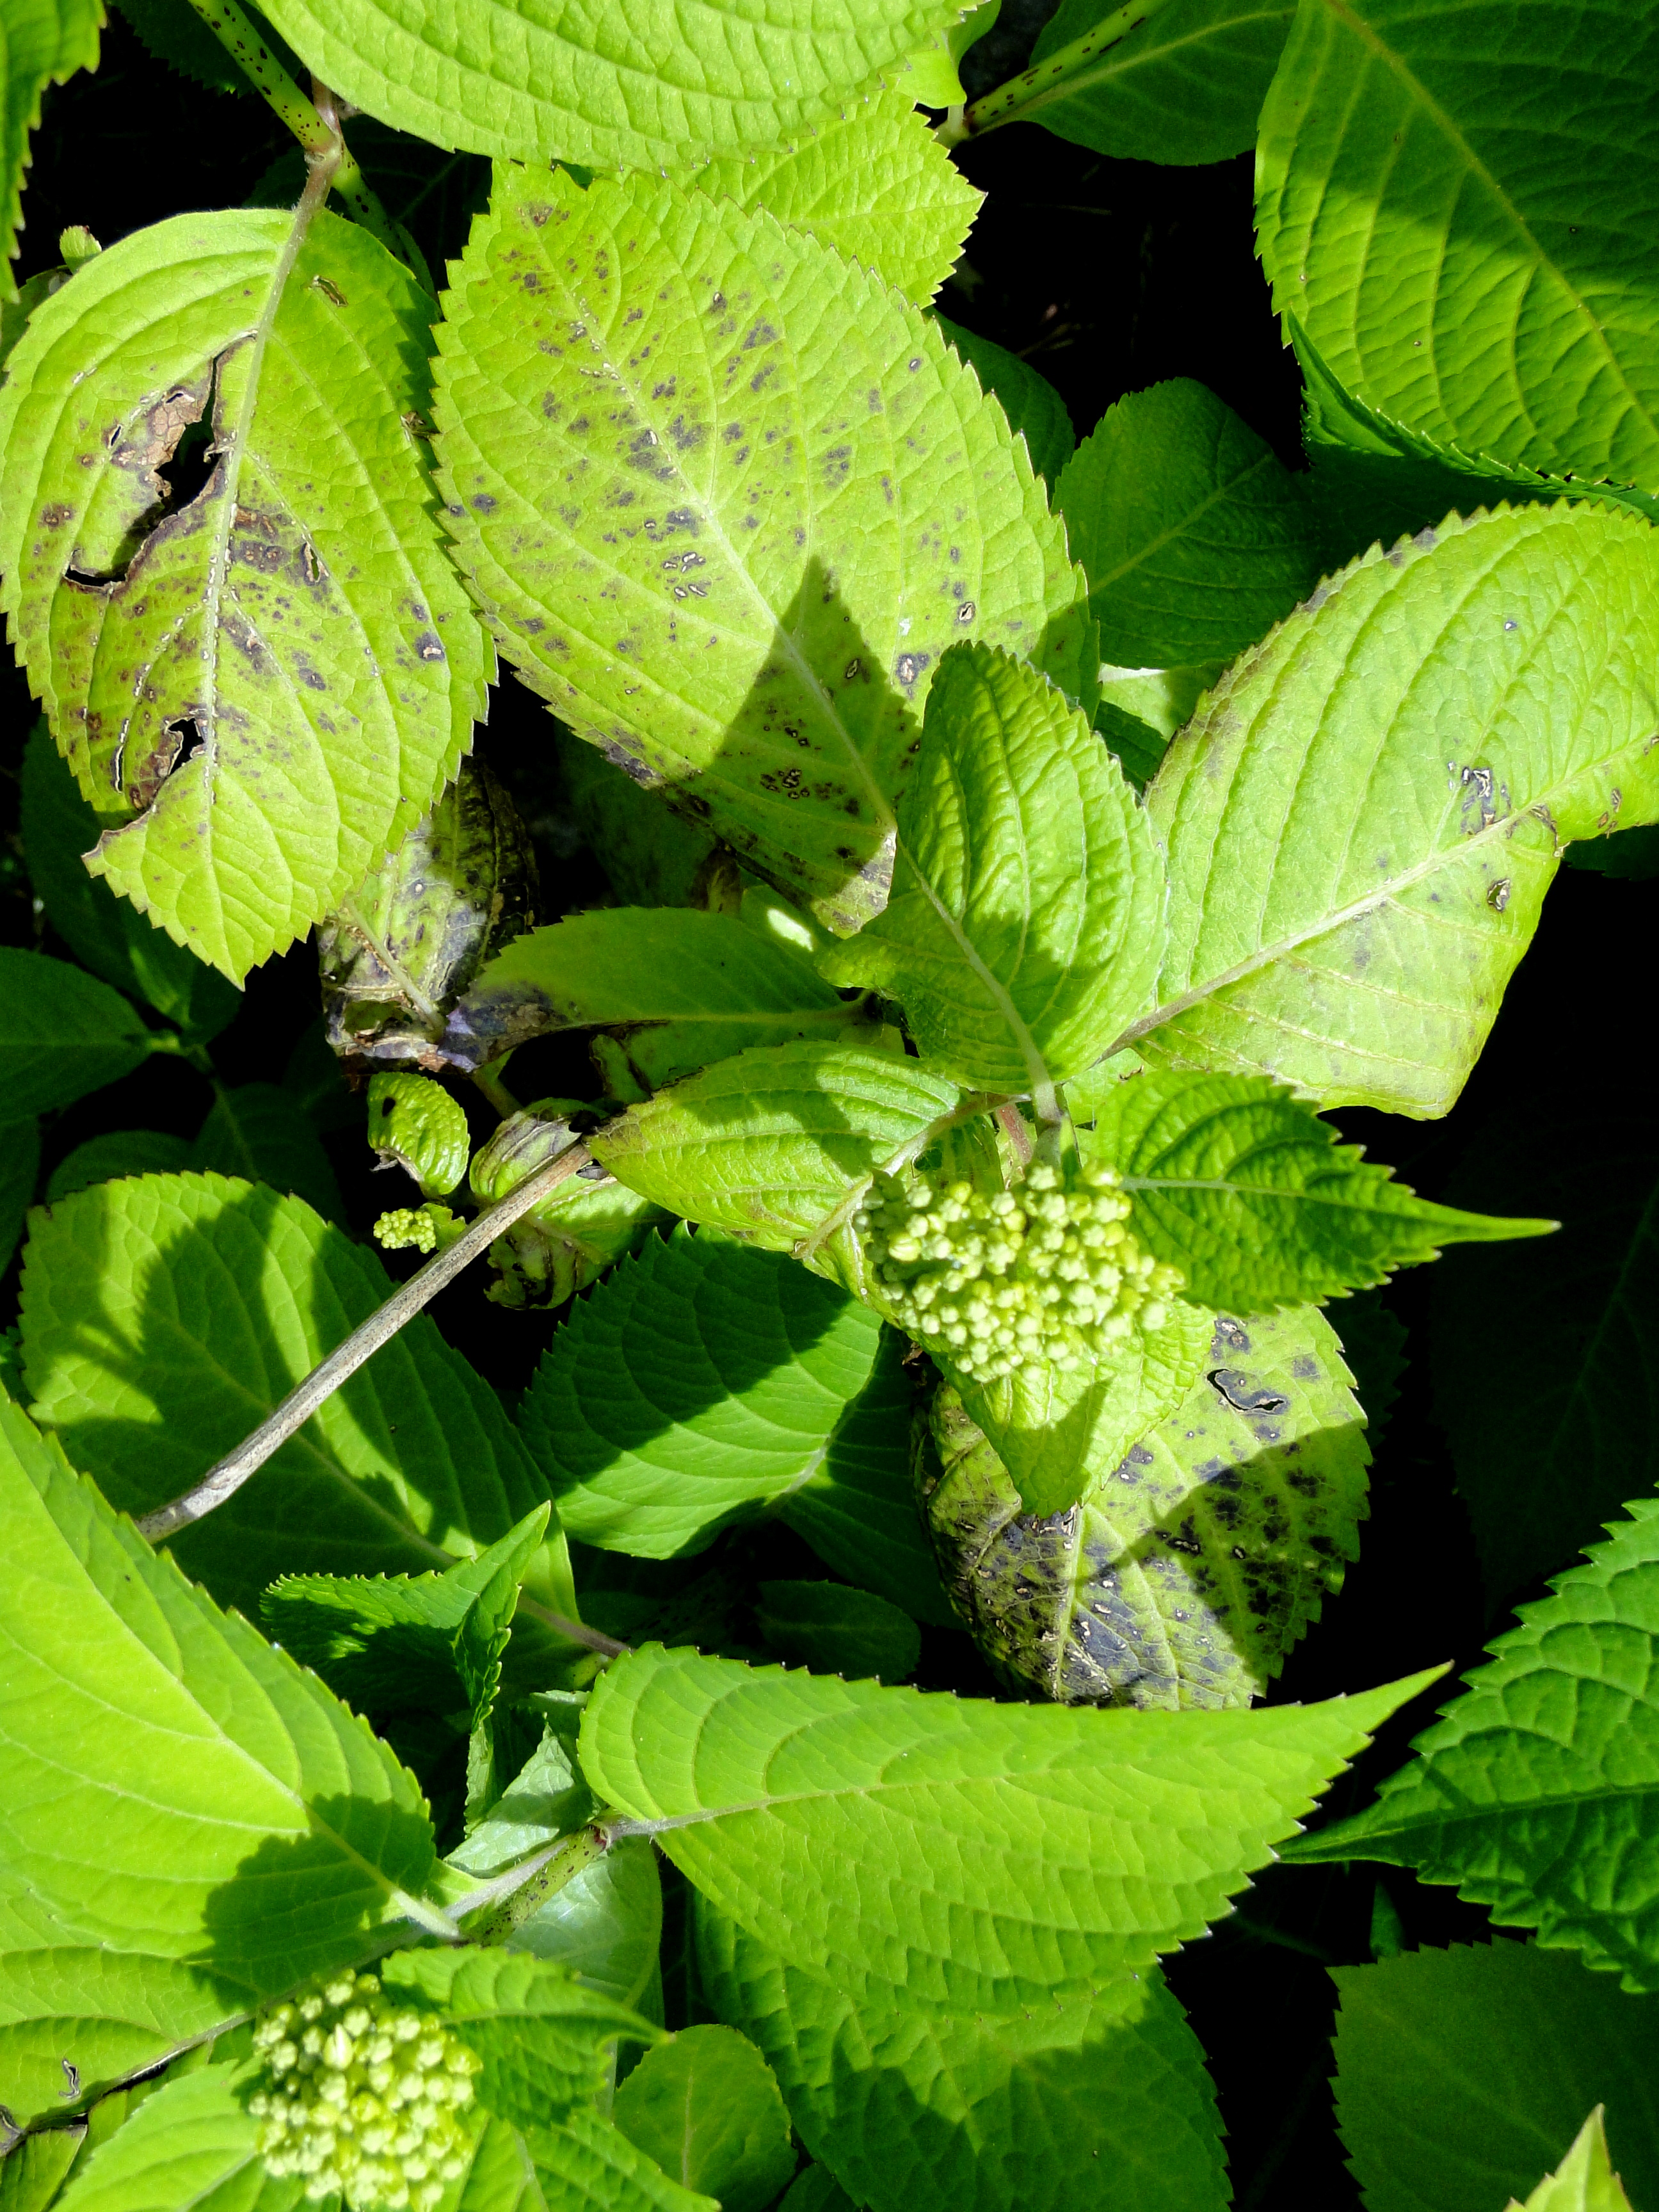 Hydrangeas blue gardening design with emphasis on hydrangeas